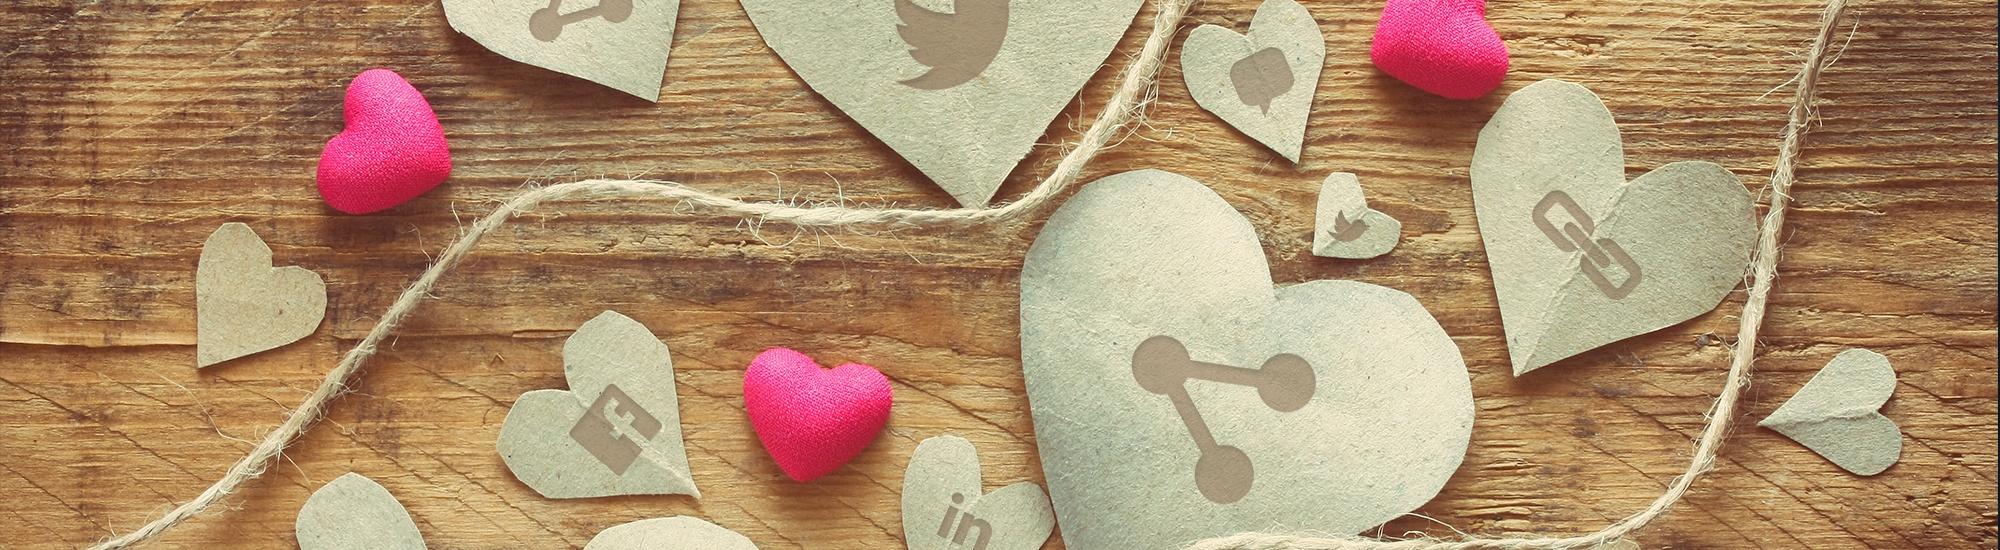 Šta kriju fotografije srećnih ljubavi: Emocija ni od korova, a društvene mreže cvetaju